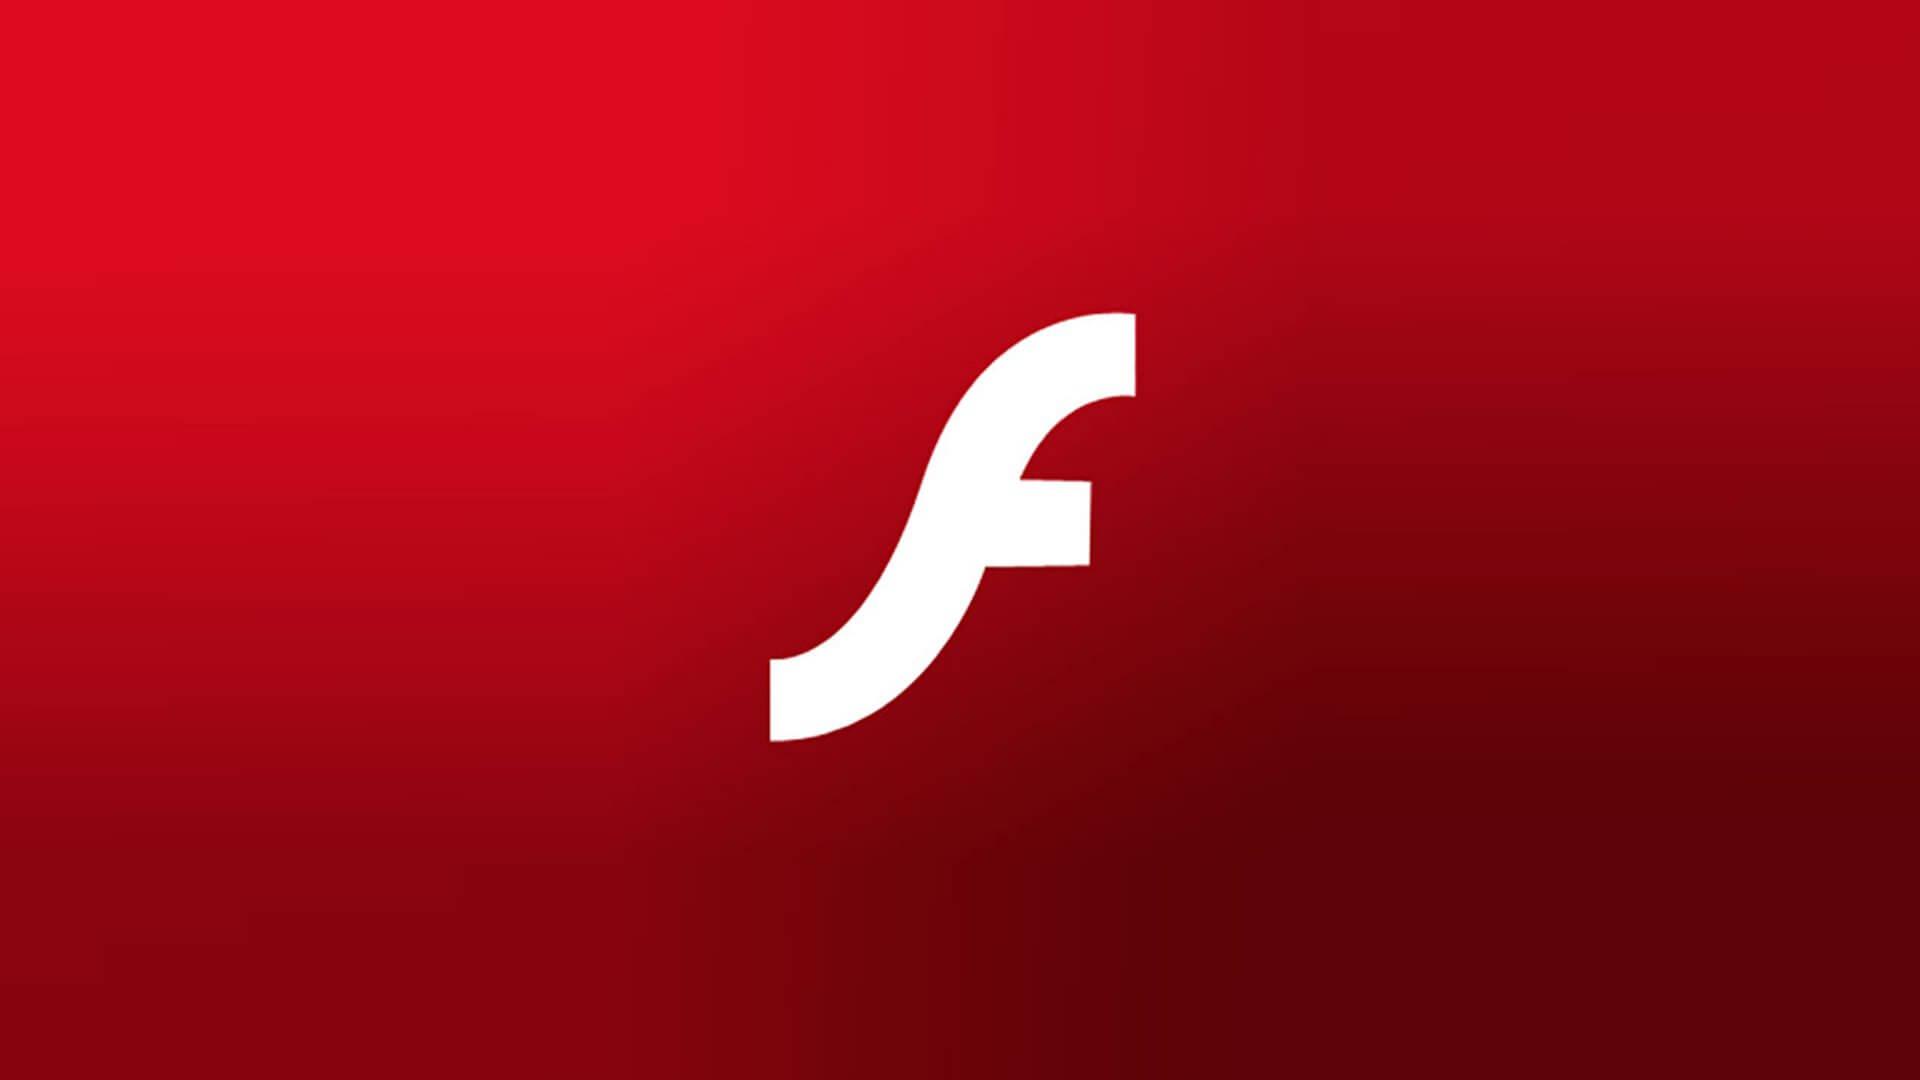 В память о Flash (1996-2020)